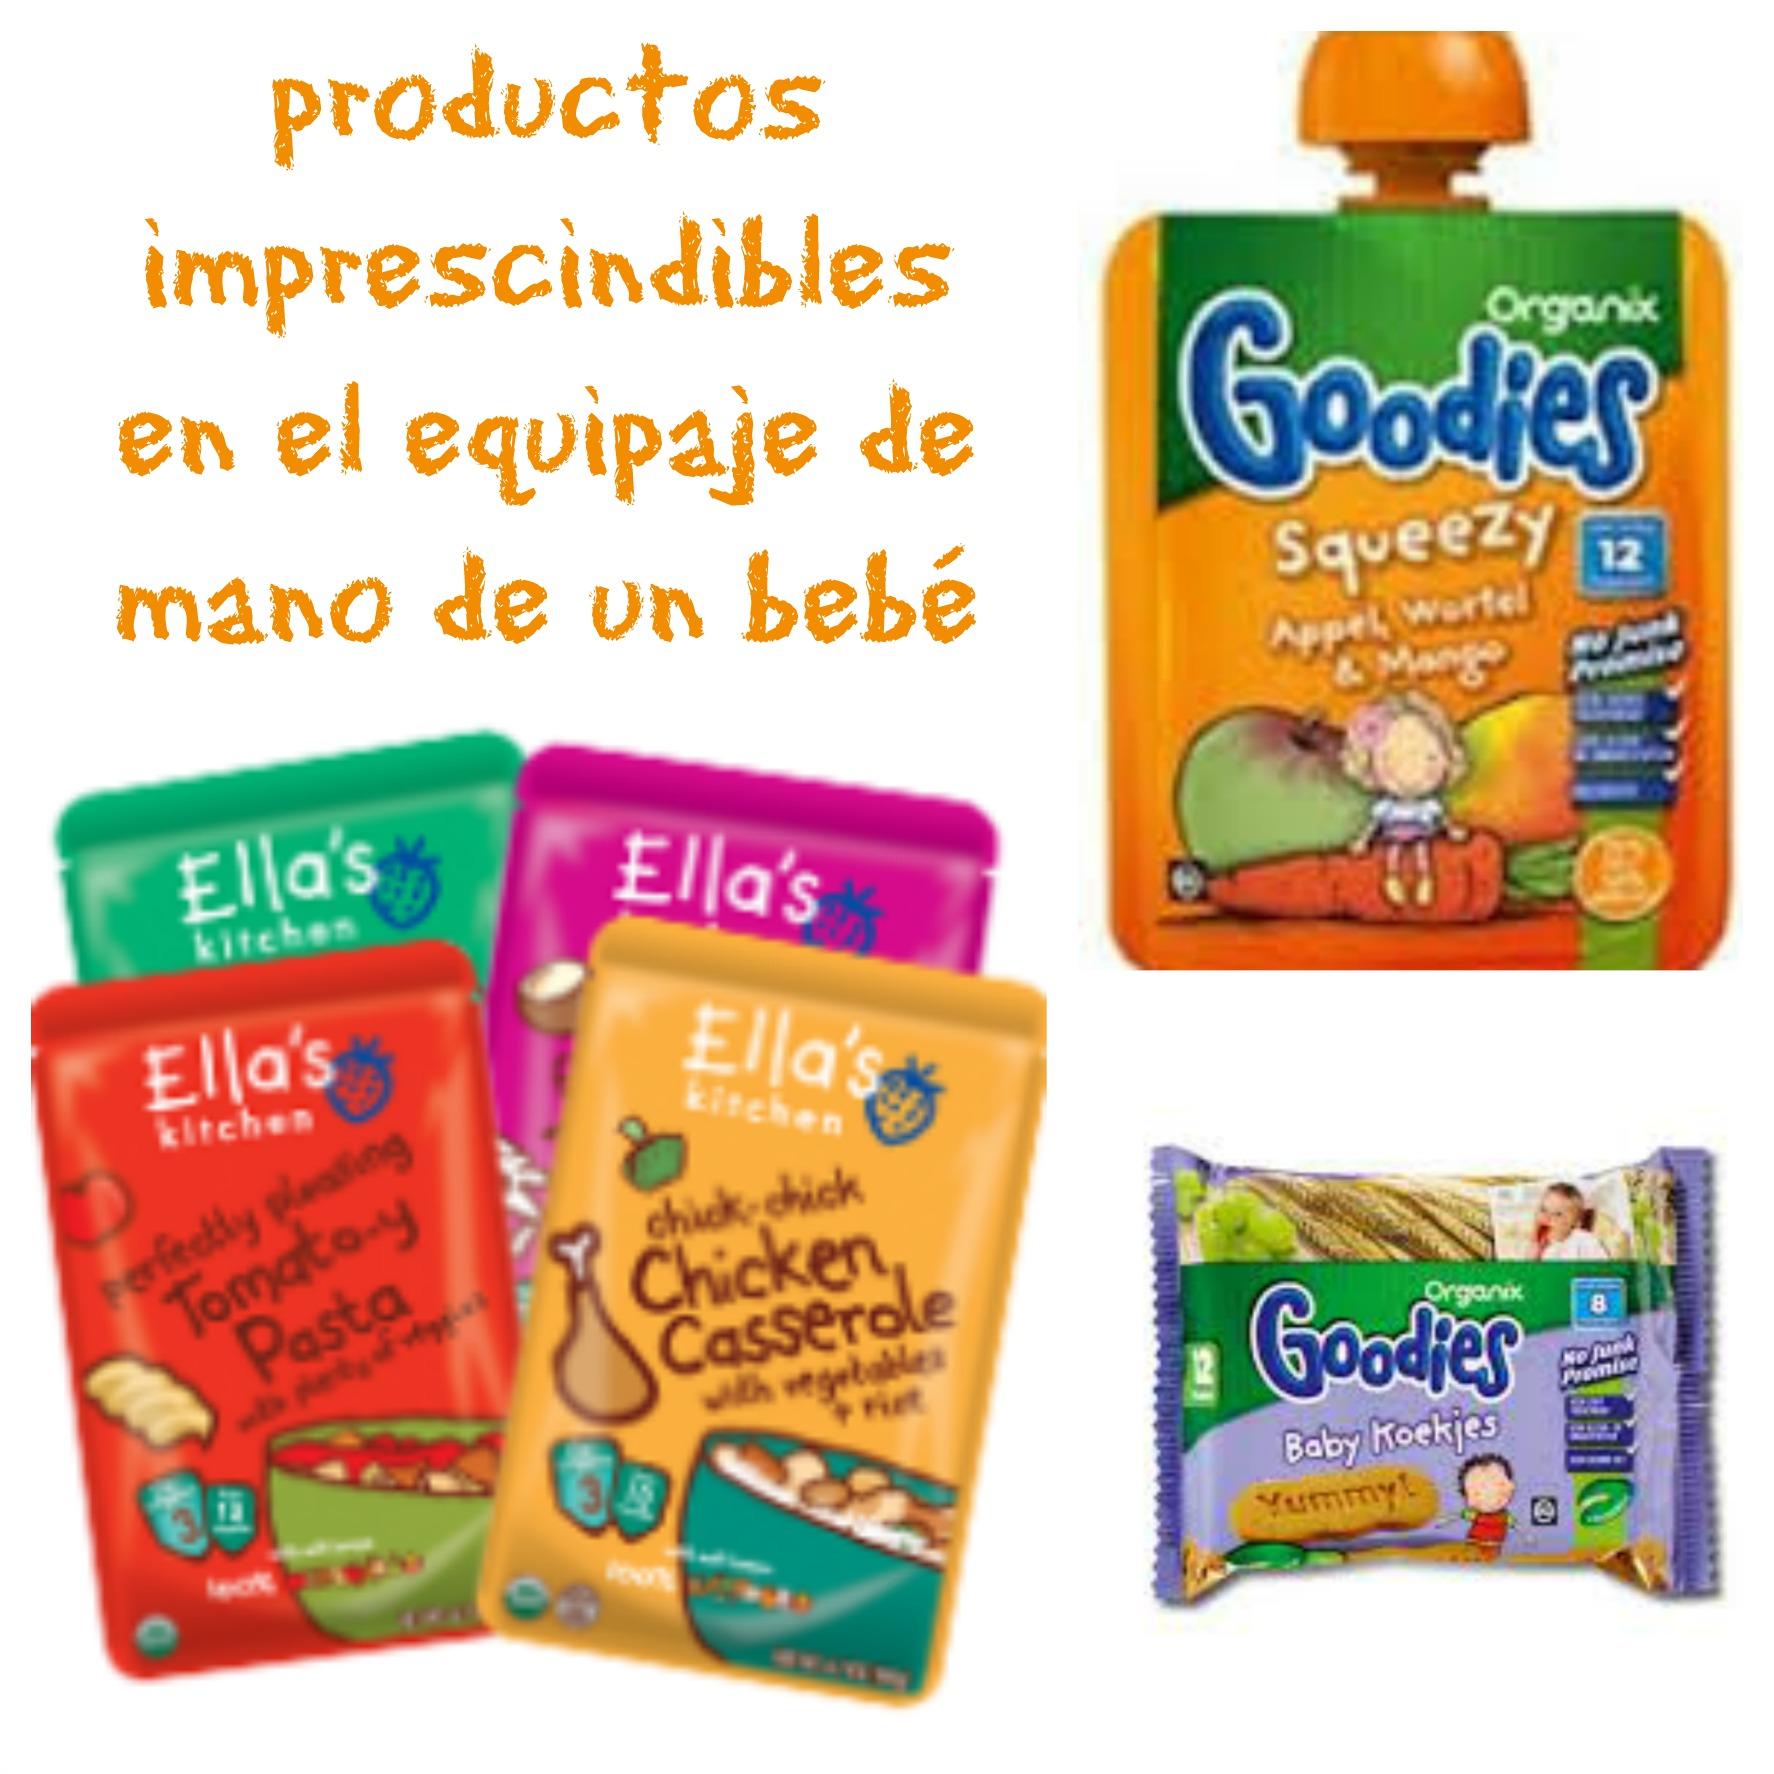 productos imprescindibles en el equipaje de mano de un bebe